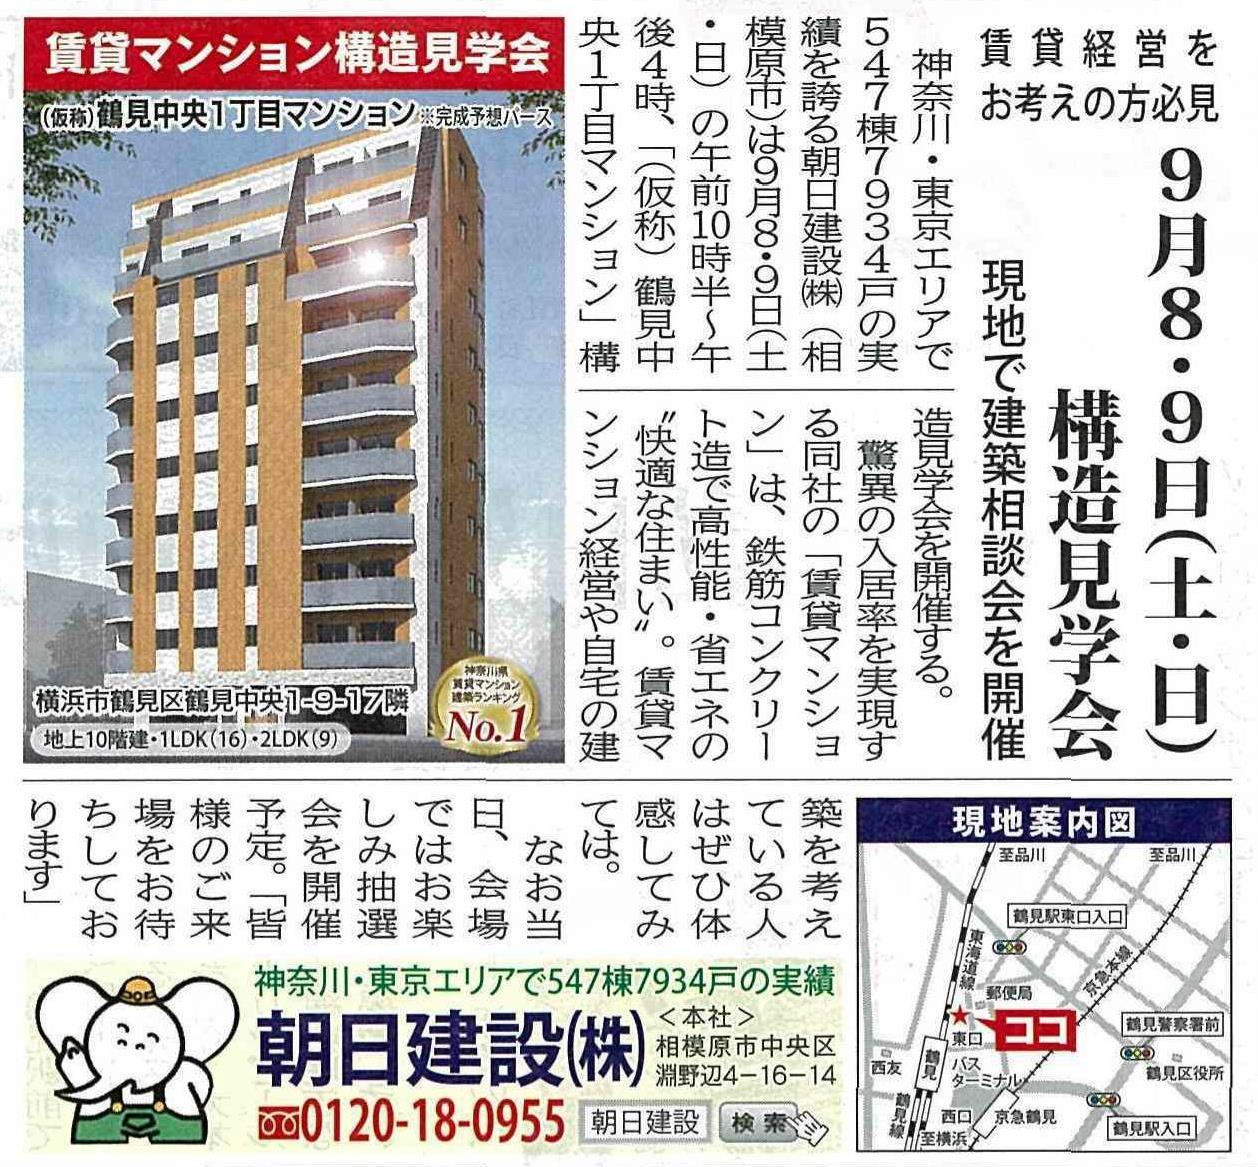 2018.9.6鶴見区版_01.jpg